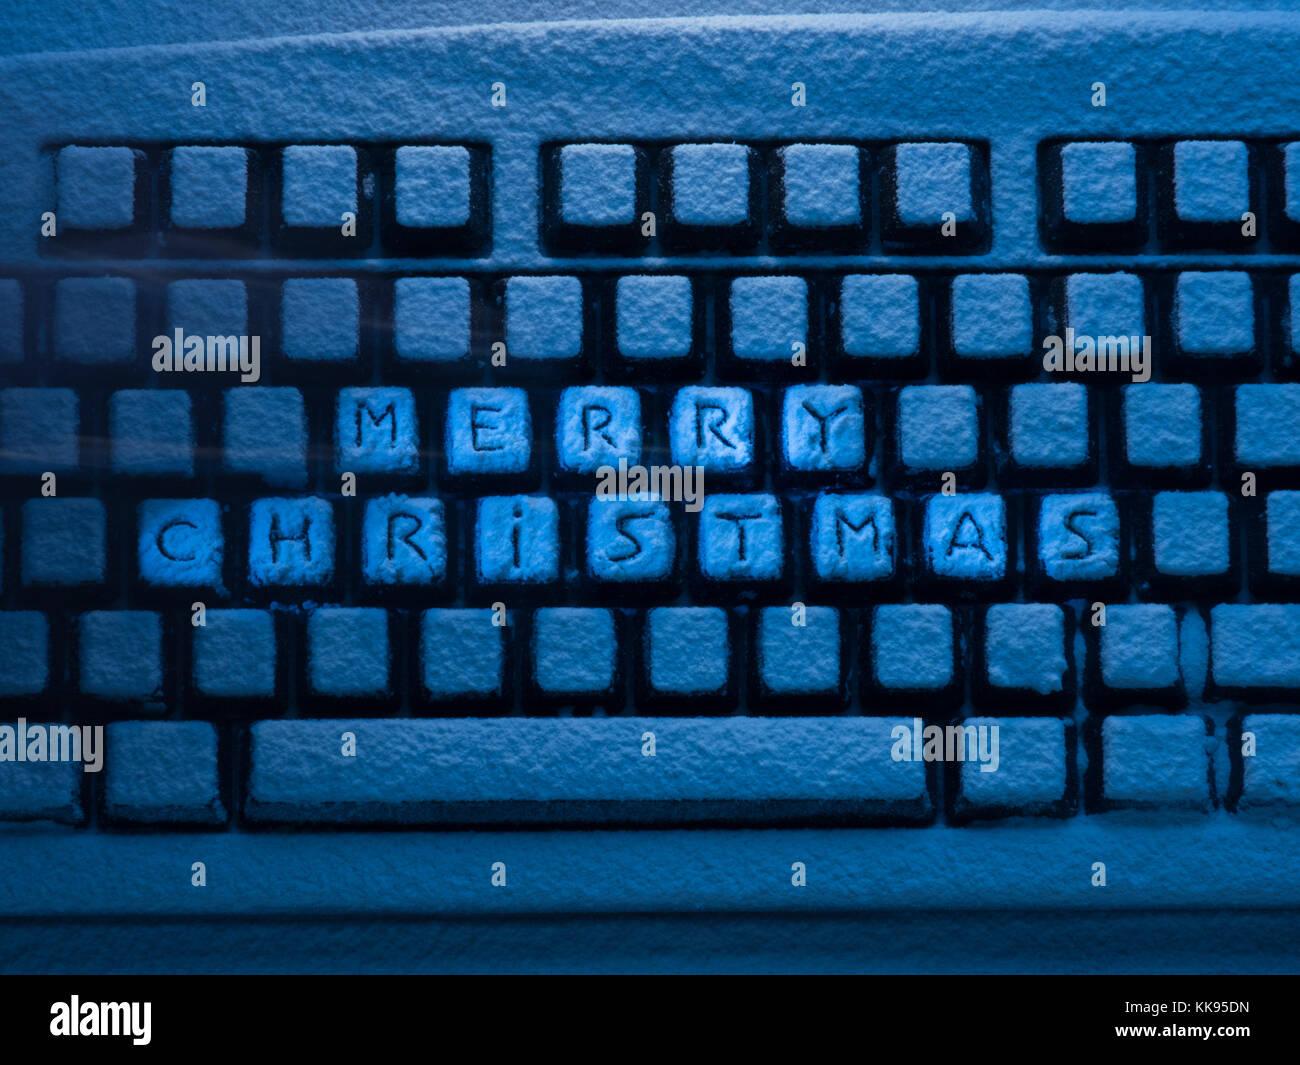 Schriftzug Frohe Weihnachten Beleuchtet.Computer Tastatur Mit Schriftzug Frohe Weihnachten Auf